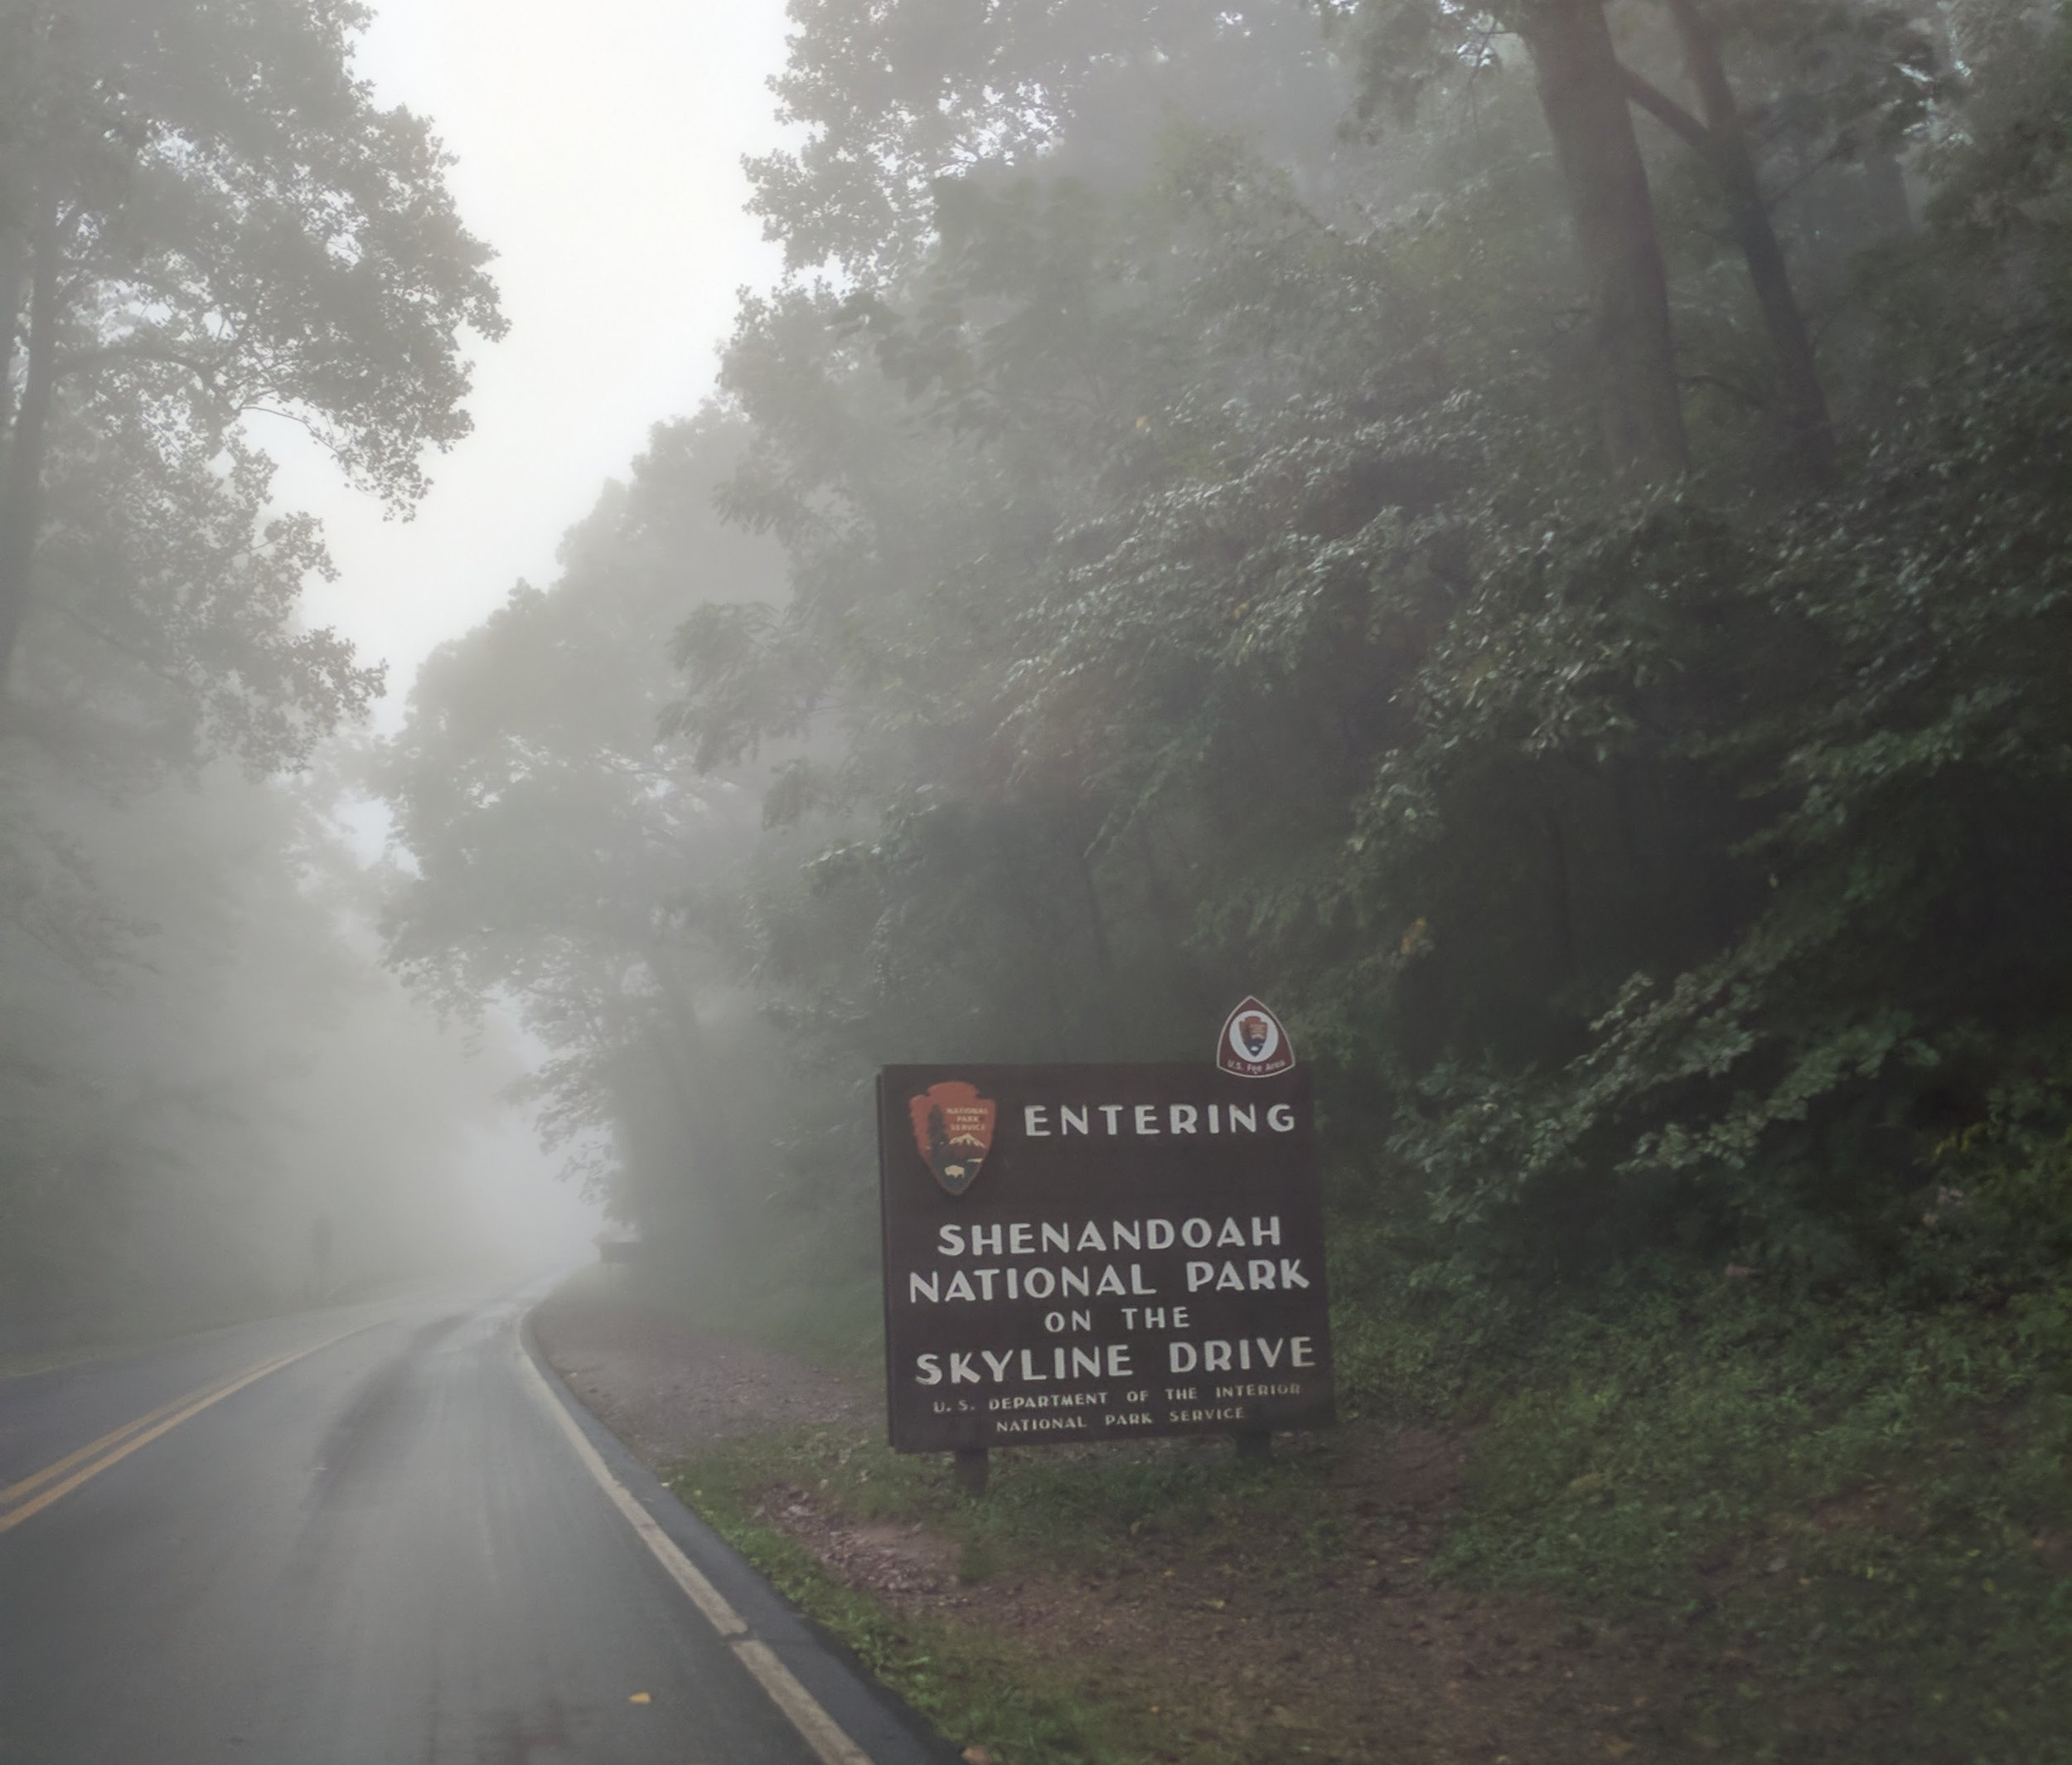 Rainy Drive into Shenandoah National Park